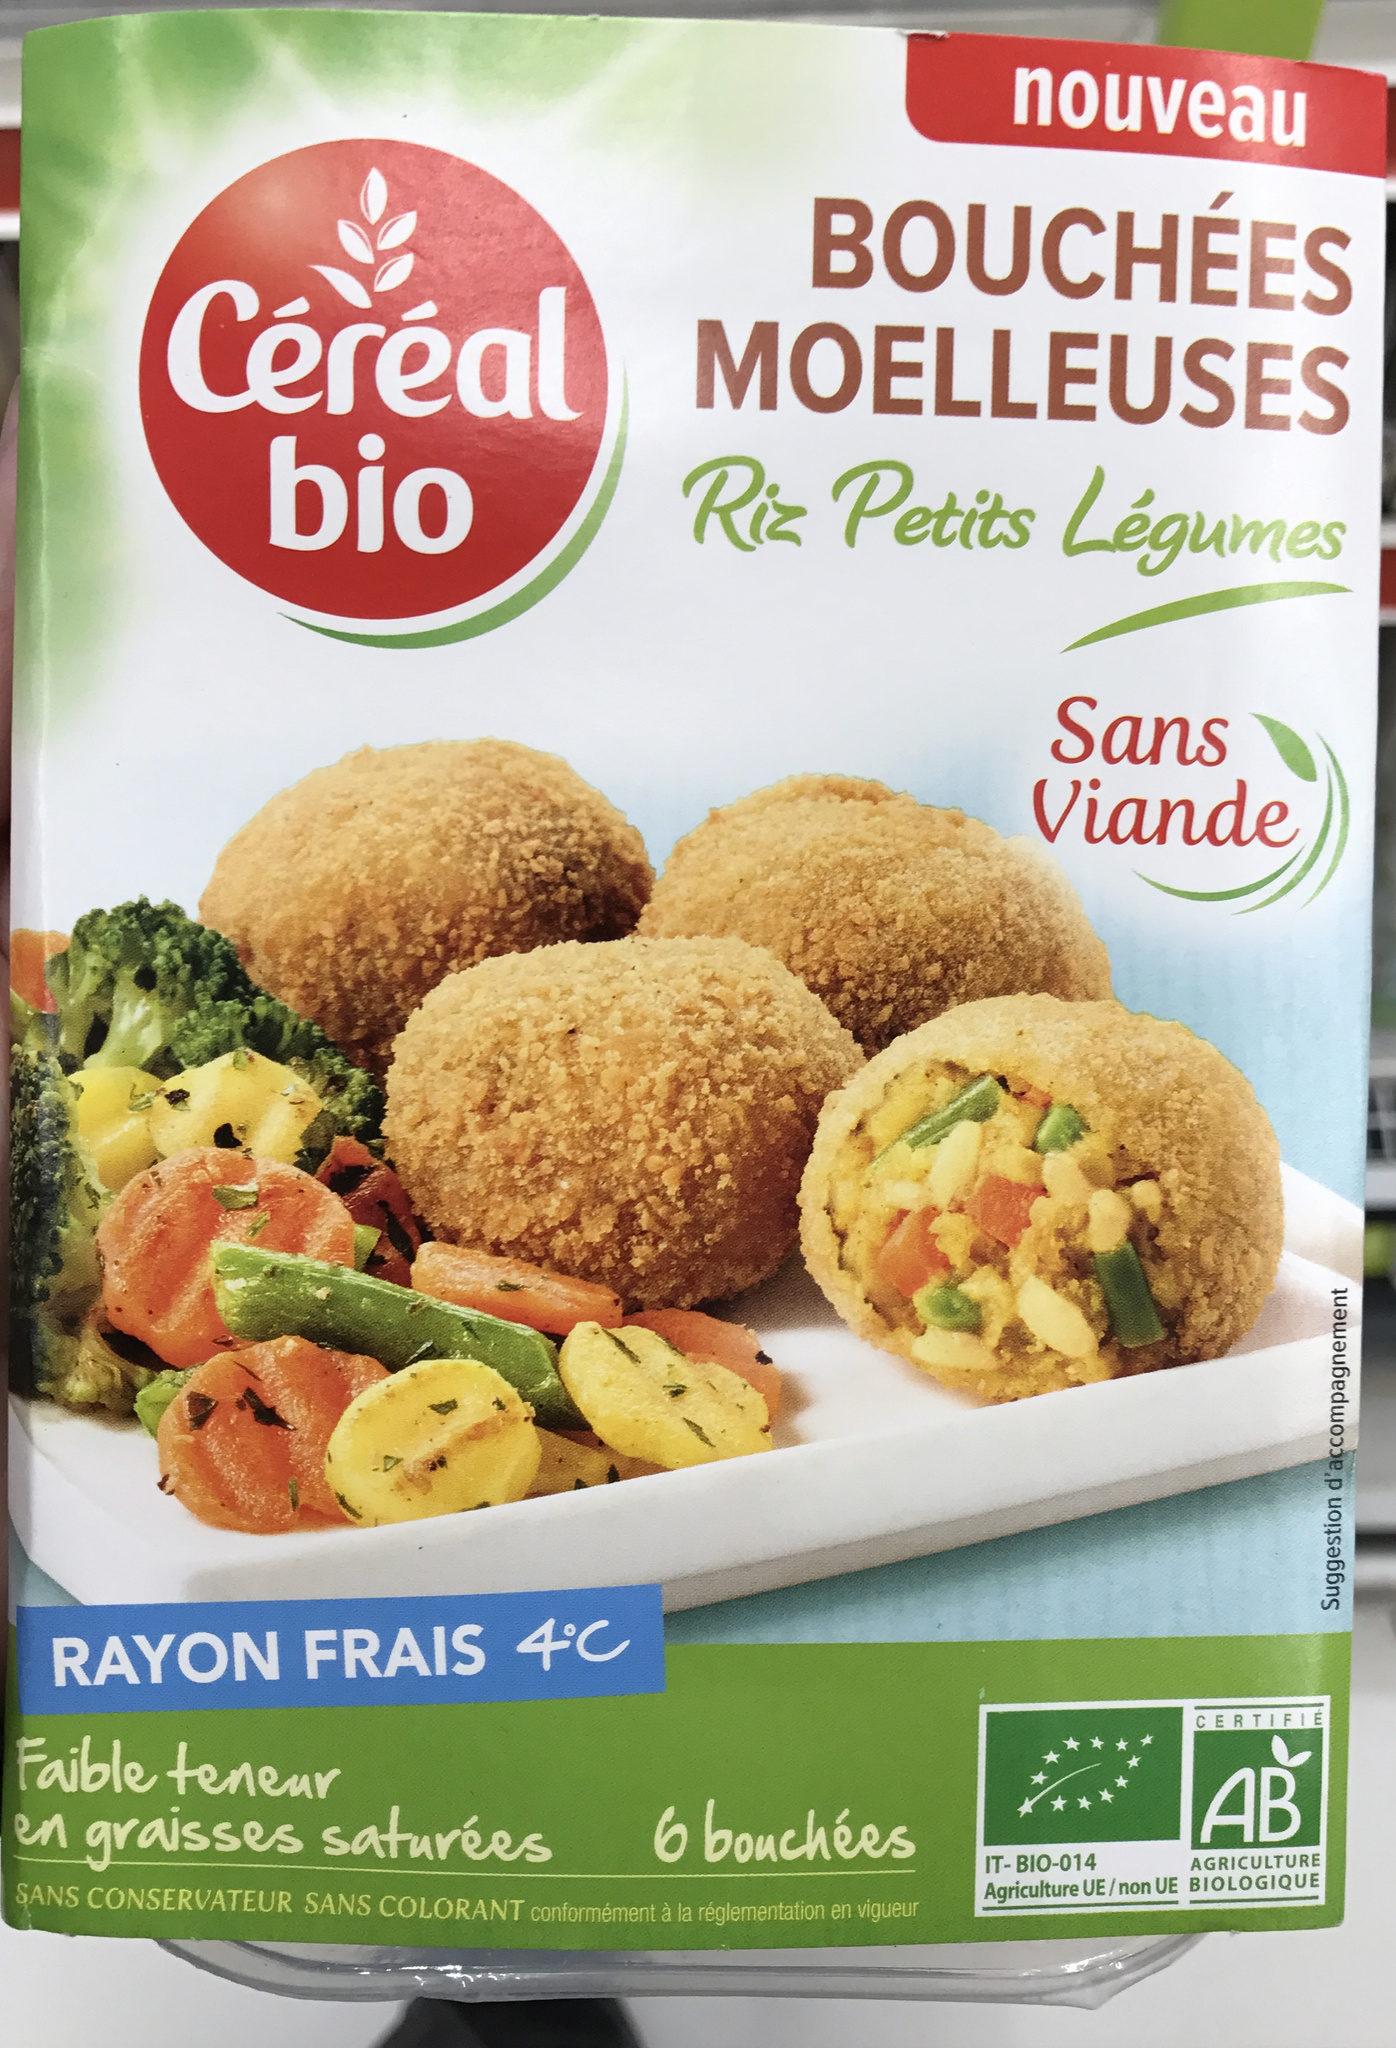 Bouchées moelleuses Riz Petits Légumes - Product - fr